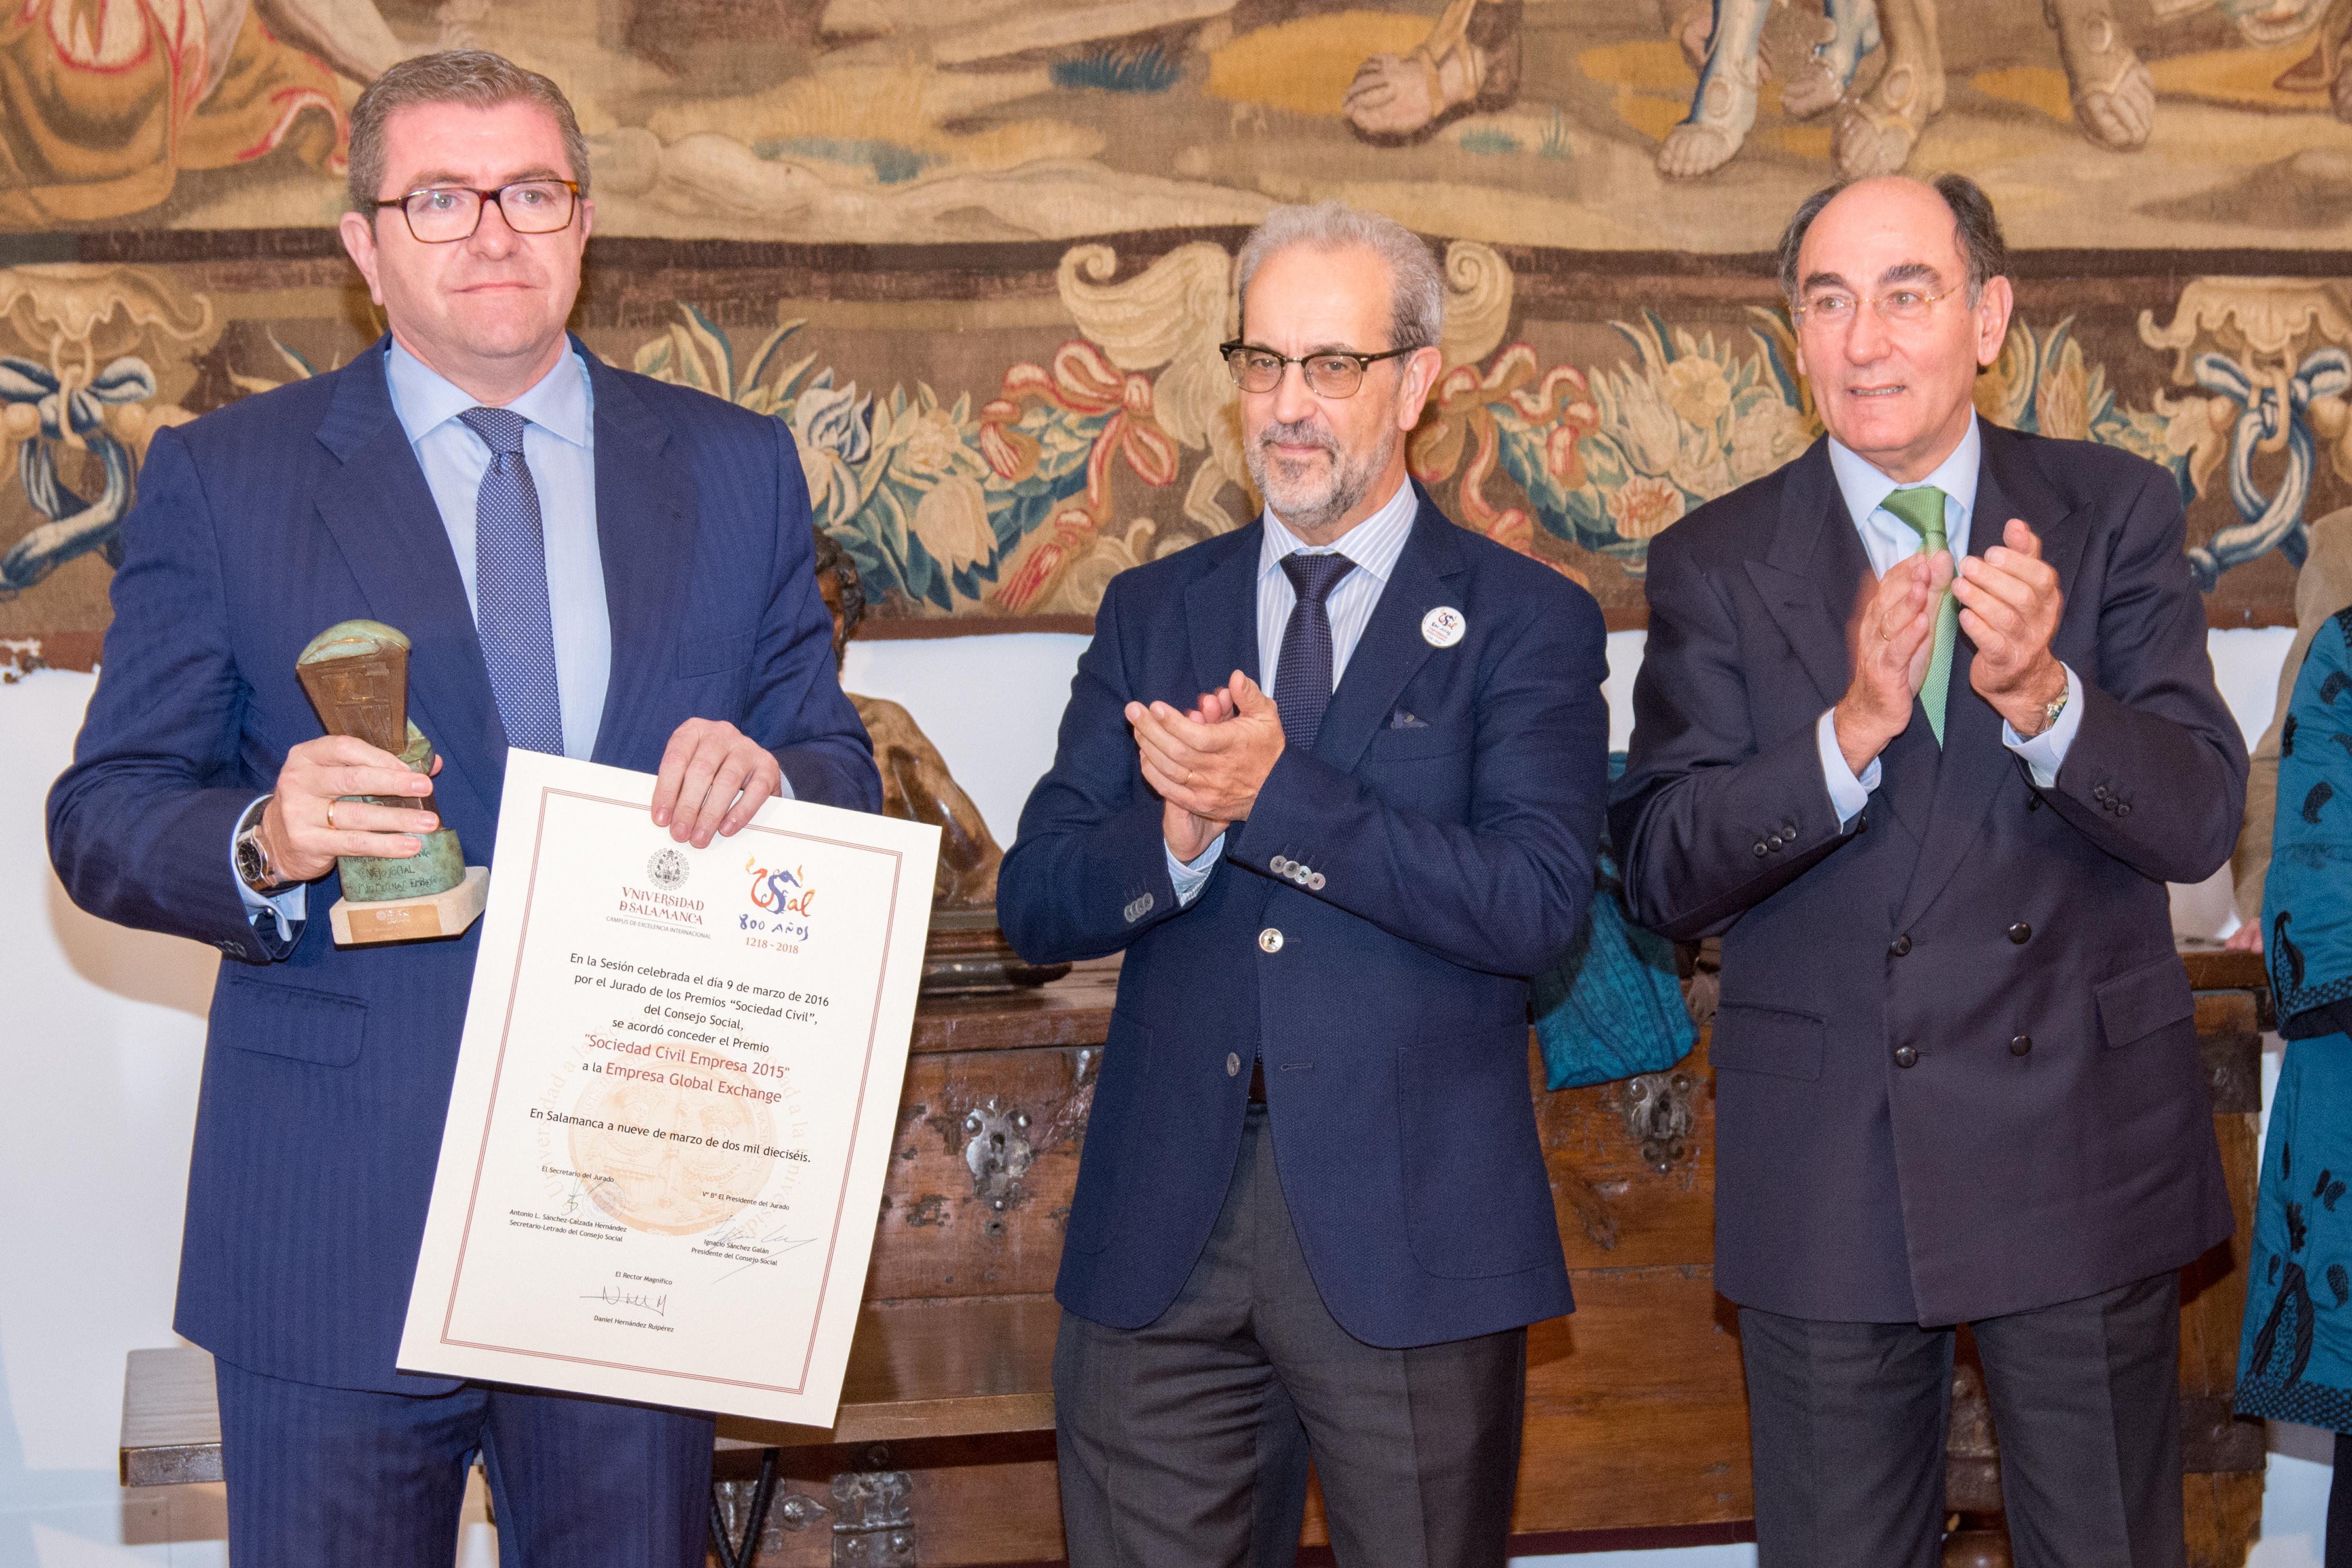 Constituido el nuevo pleno del Consejo Social de la Universidad bajo la presidencia de Ignacio Sánchez Galán para el período 2016-2020